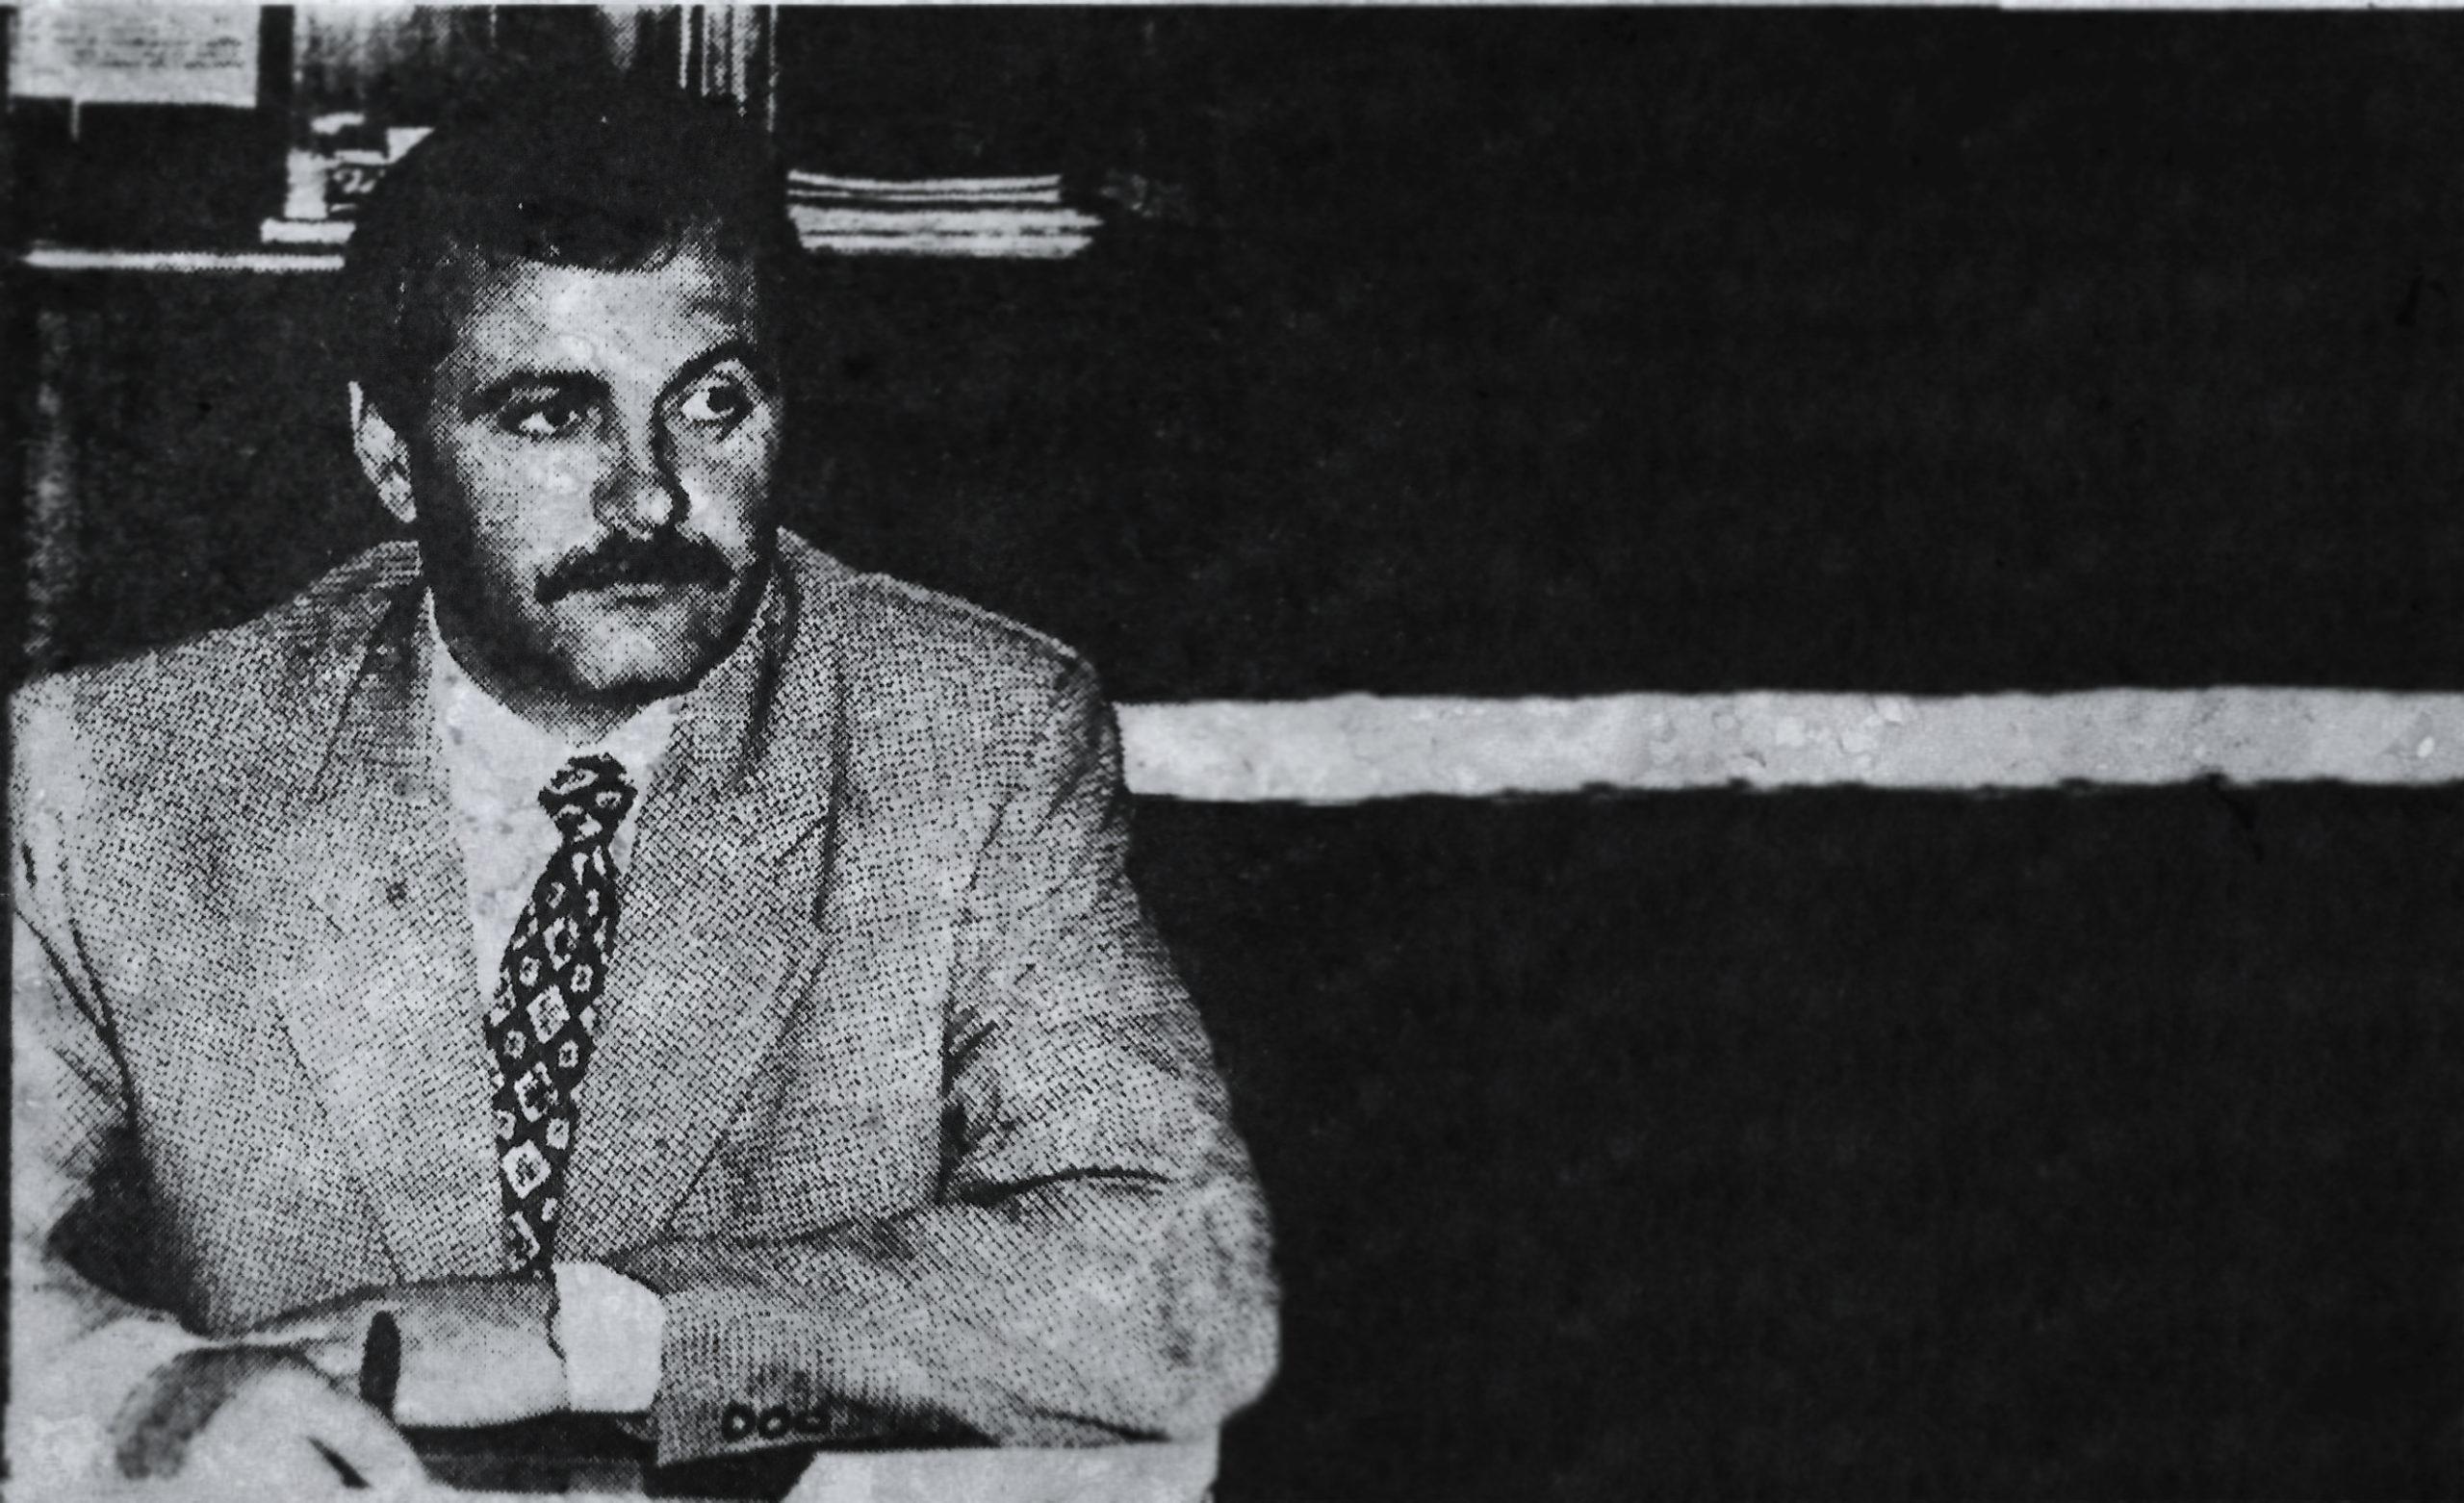 La 33 de ani, după ce făcuse bani din cârciumi și taximetrie de marfă, Liviu Dragnea este numit prefectul județului Teleorman